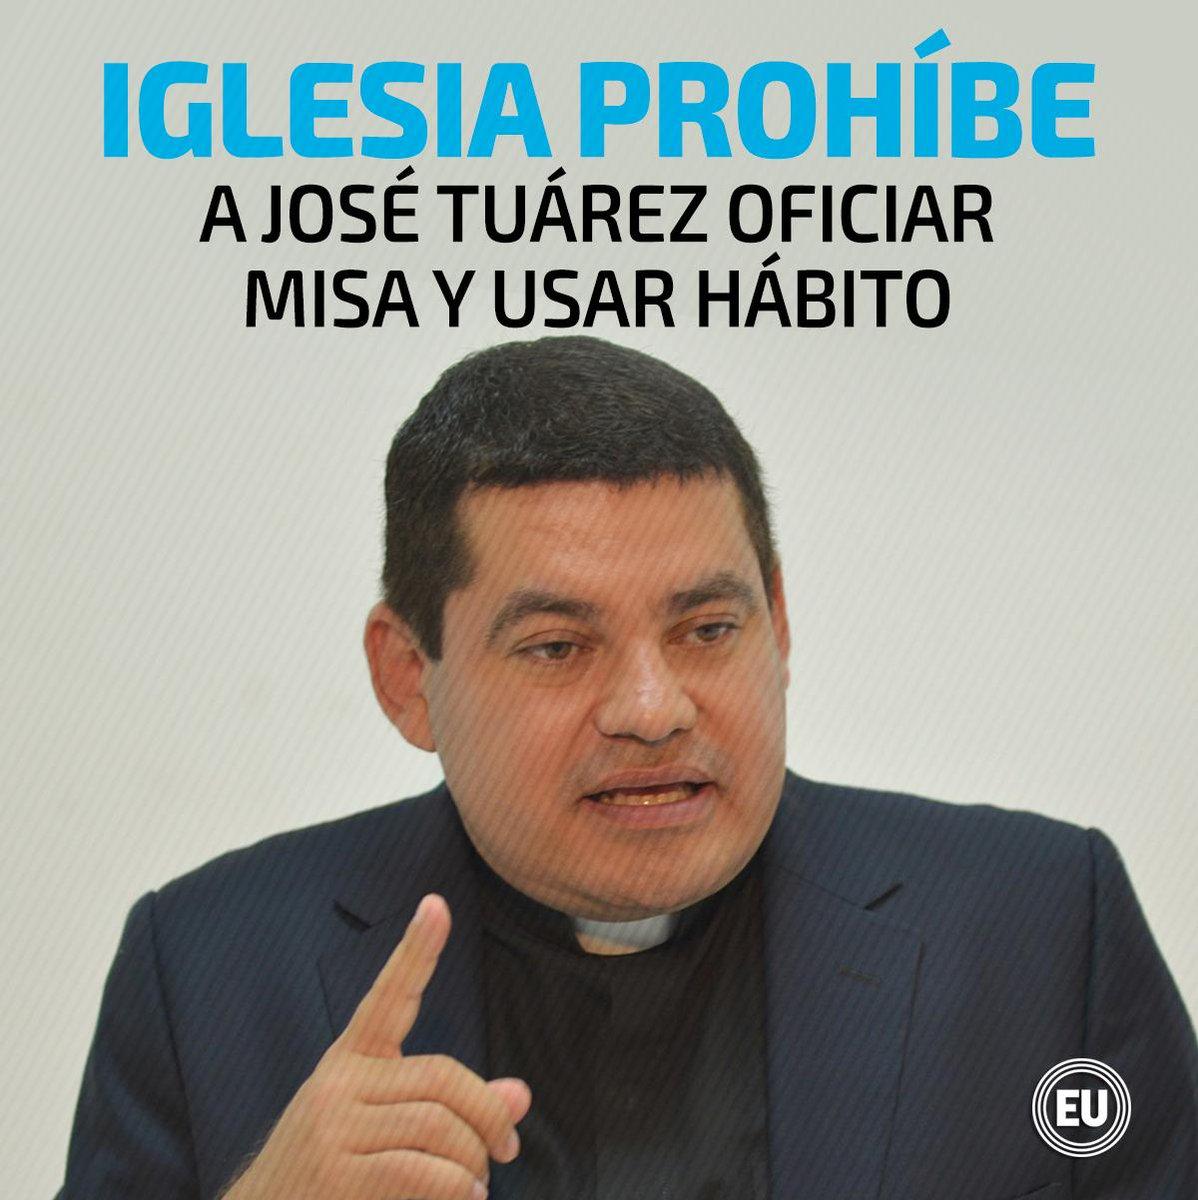 Iglesia Católica se distancia de José Tuárez, titular del CPCCS ► http://ow.ly/aD4850uGz2U